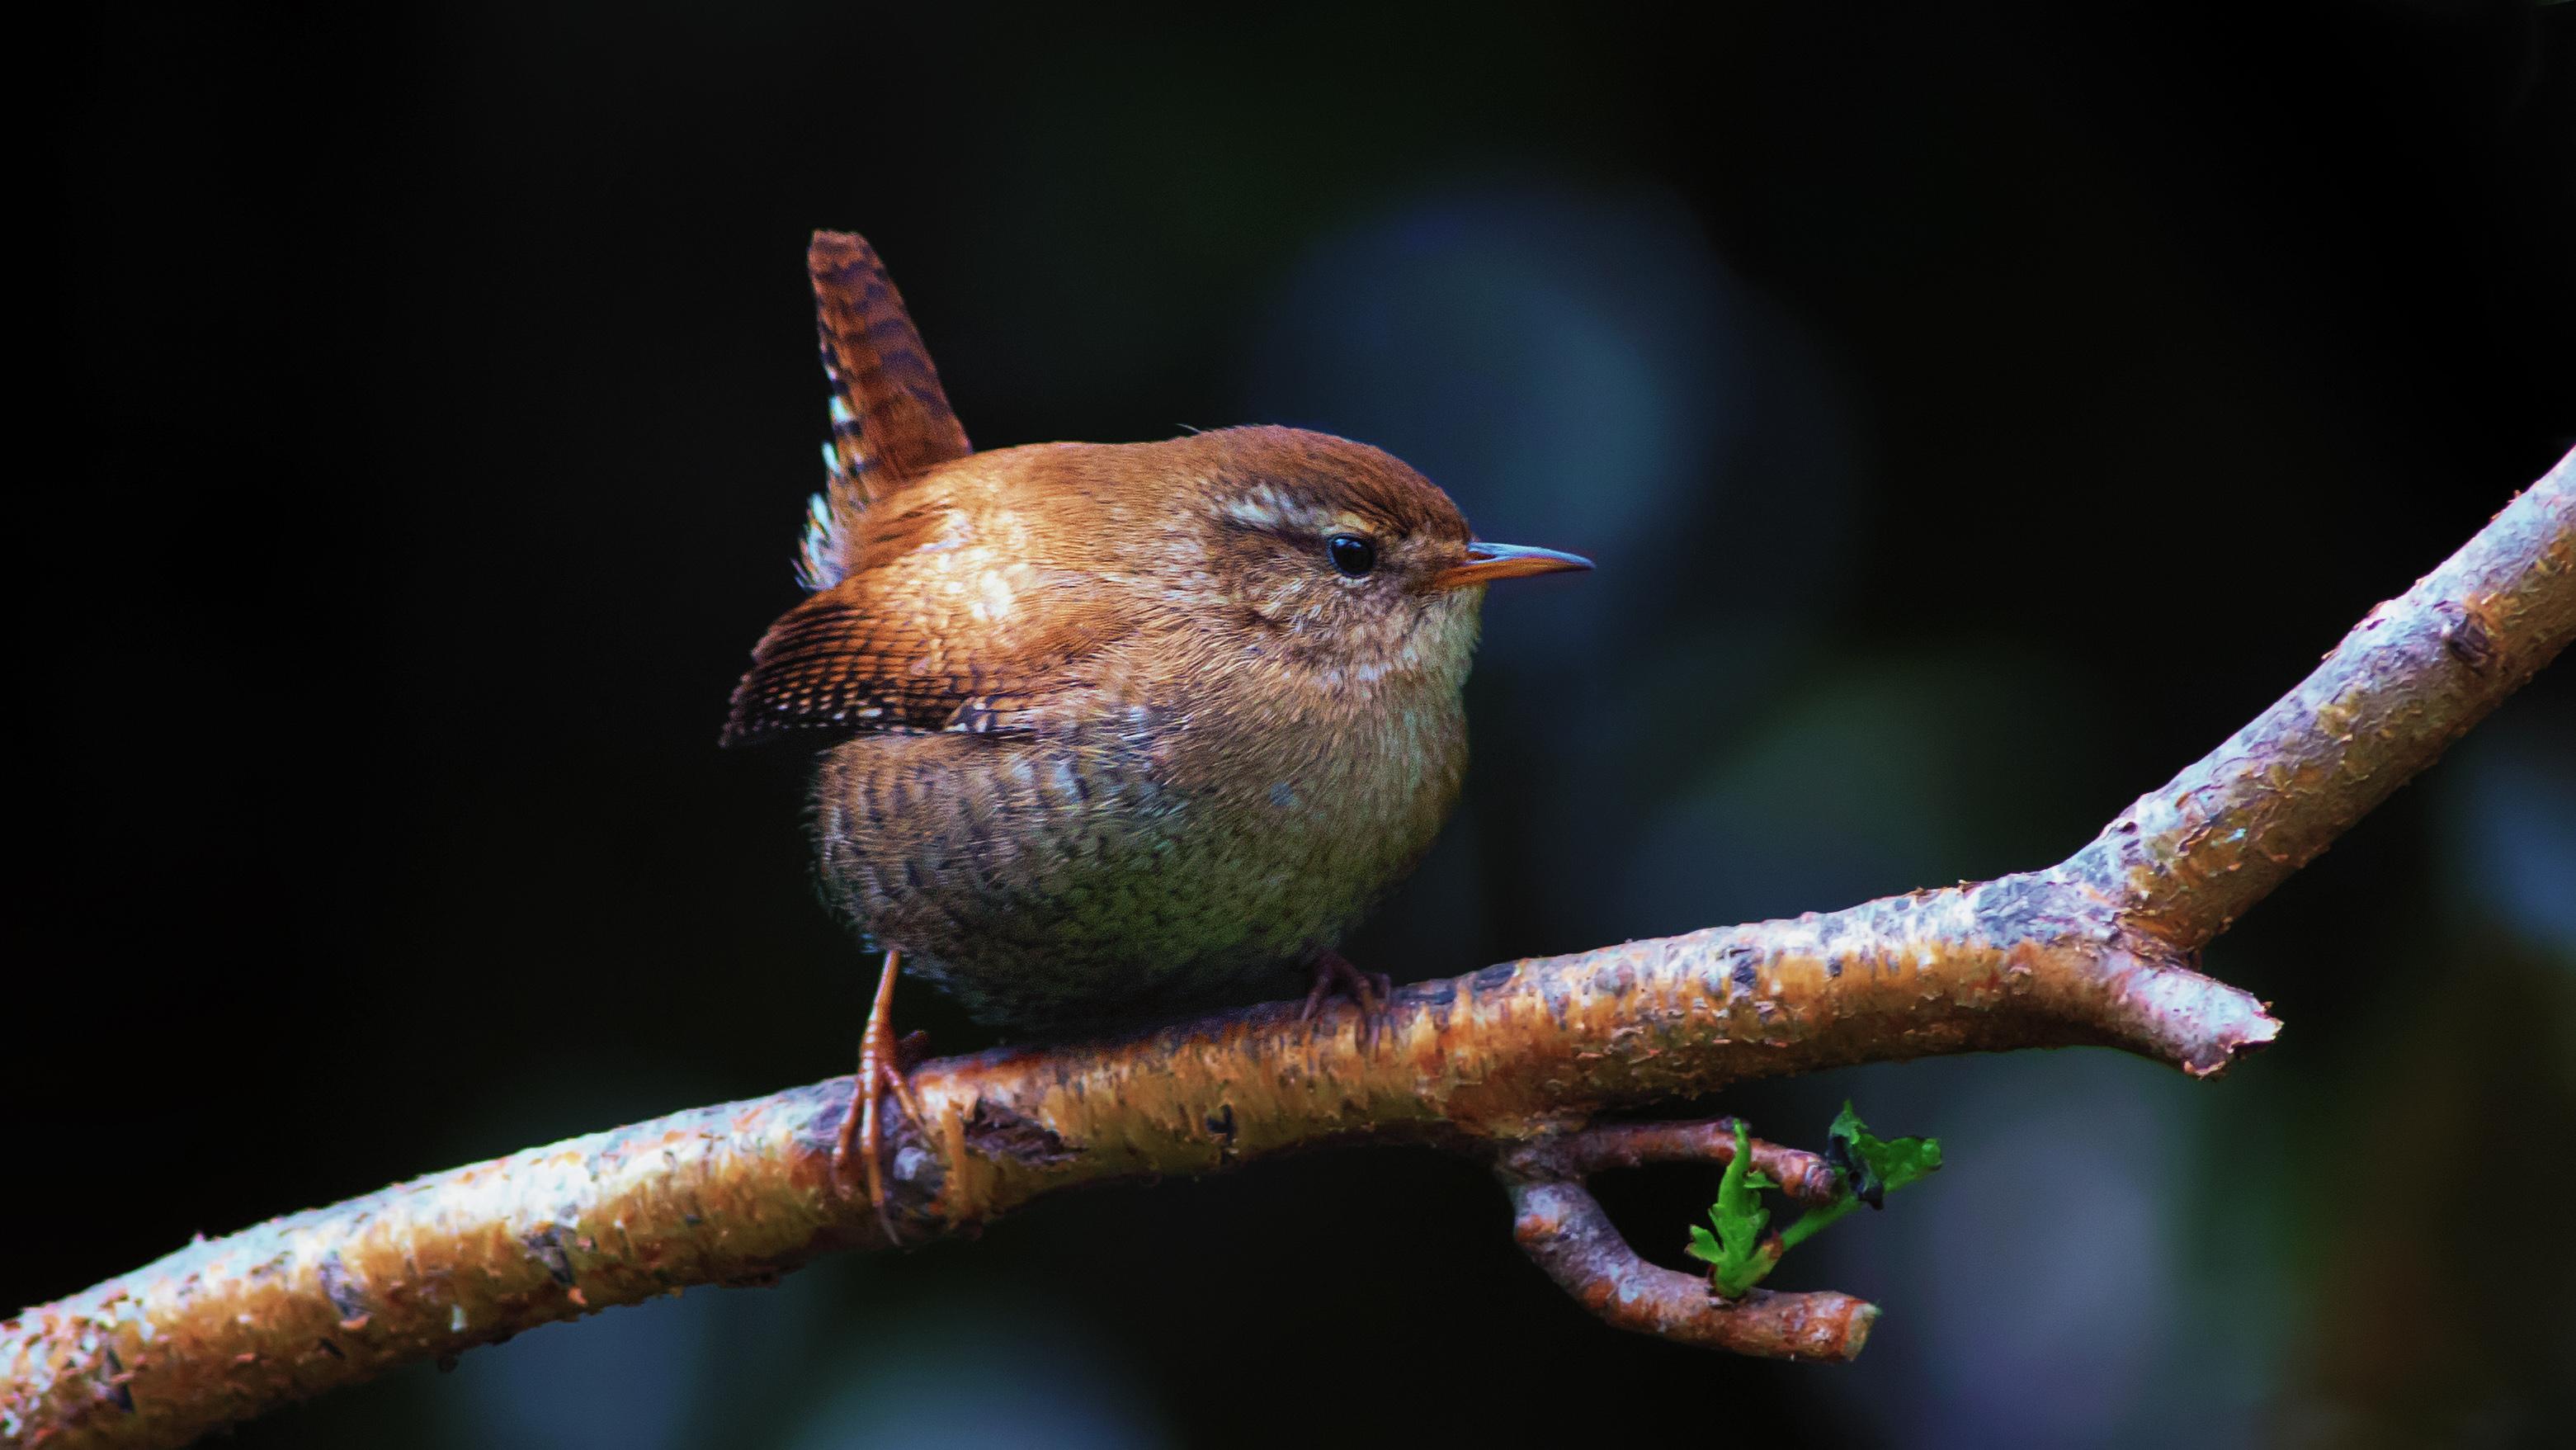 winterkoning vroege vogels